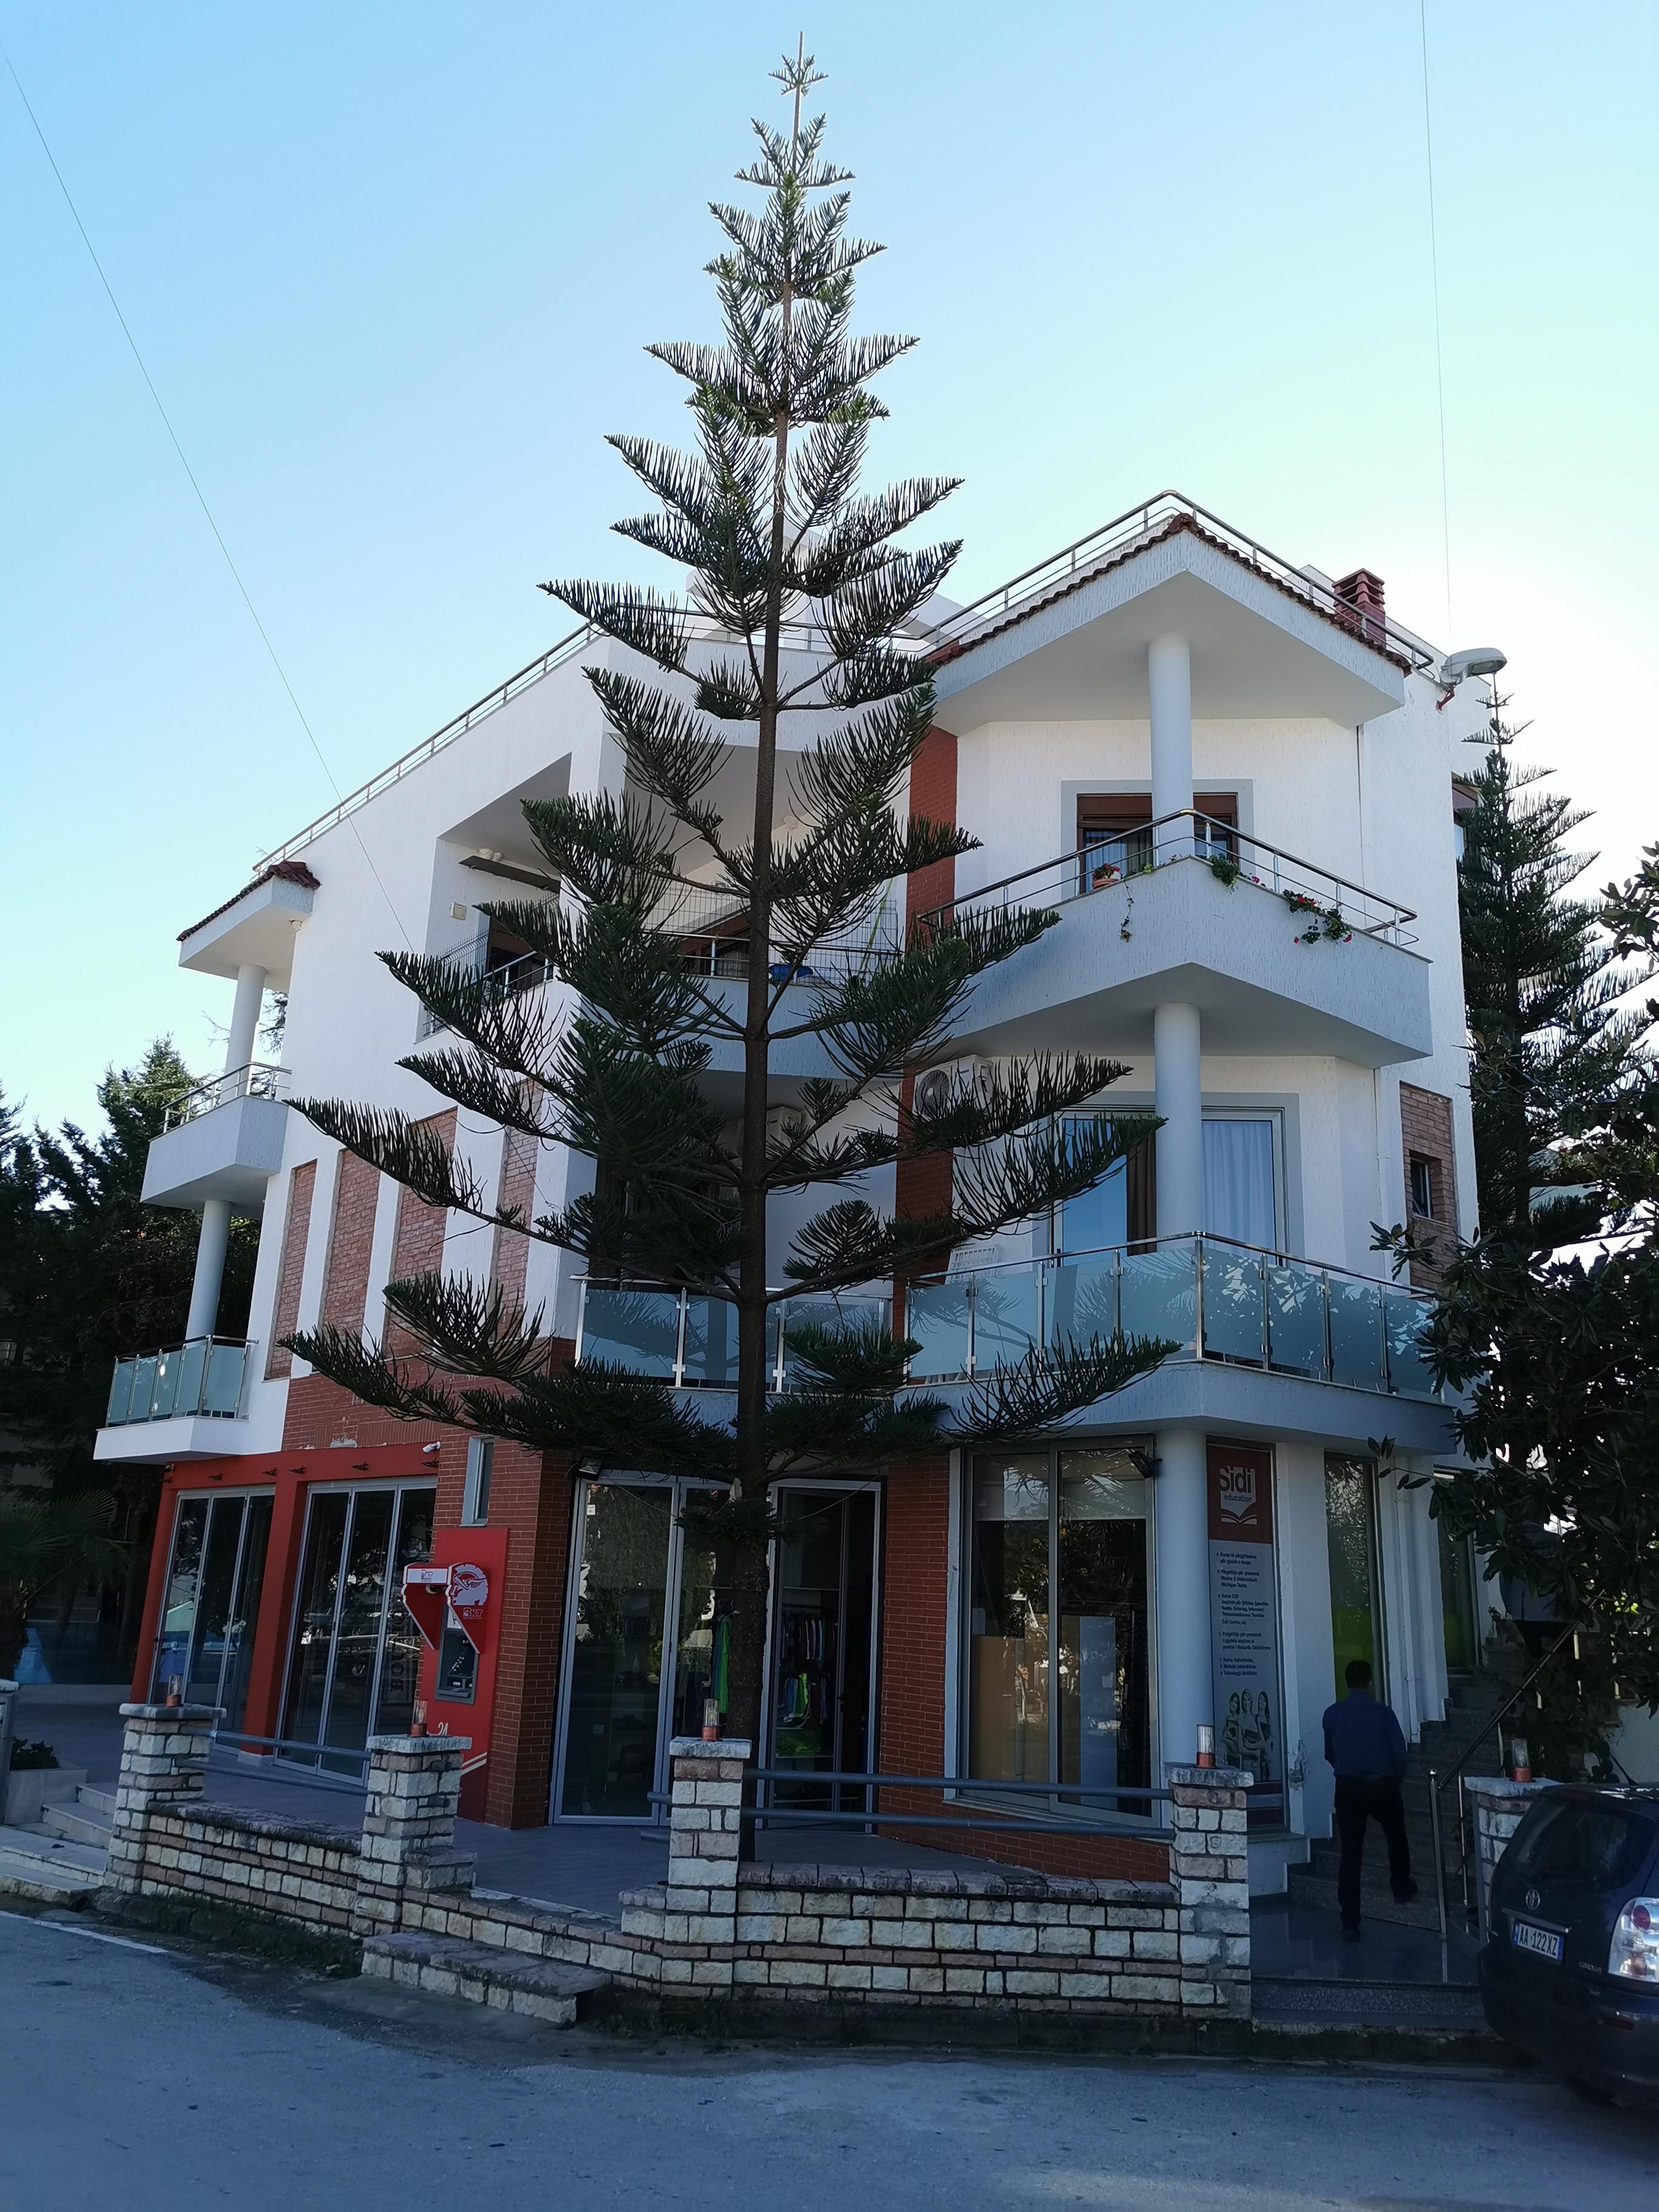 Letovanje Albanija hoteli, Ksamil, autobus, Hotel Joni, spoljni izgled